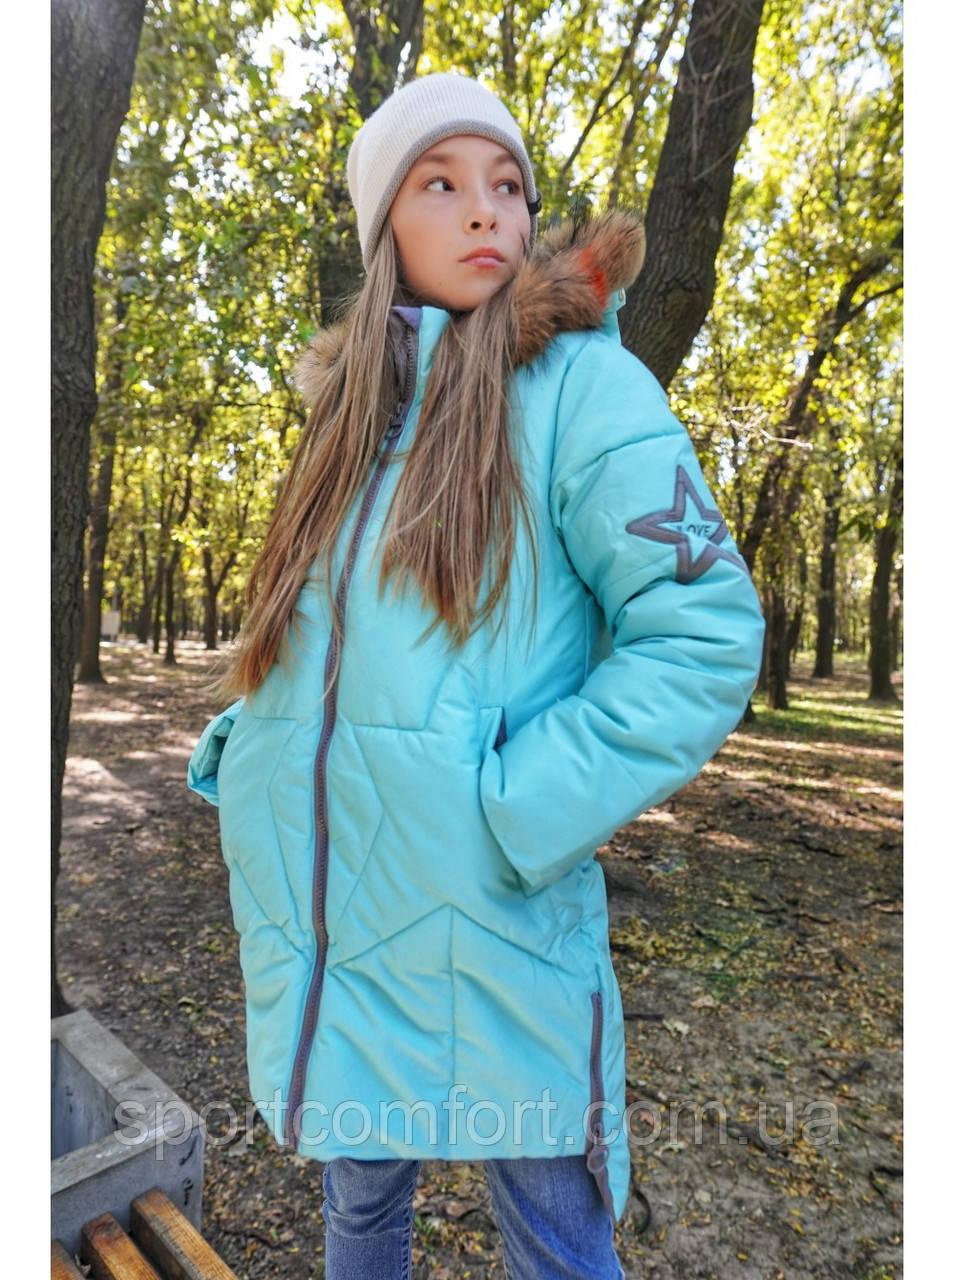 Подростковое пальто Freever для девочек малина, пудра, бирюза